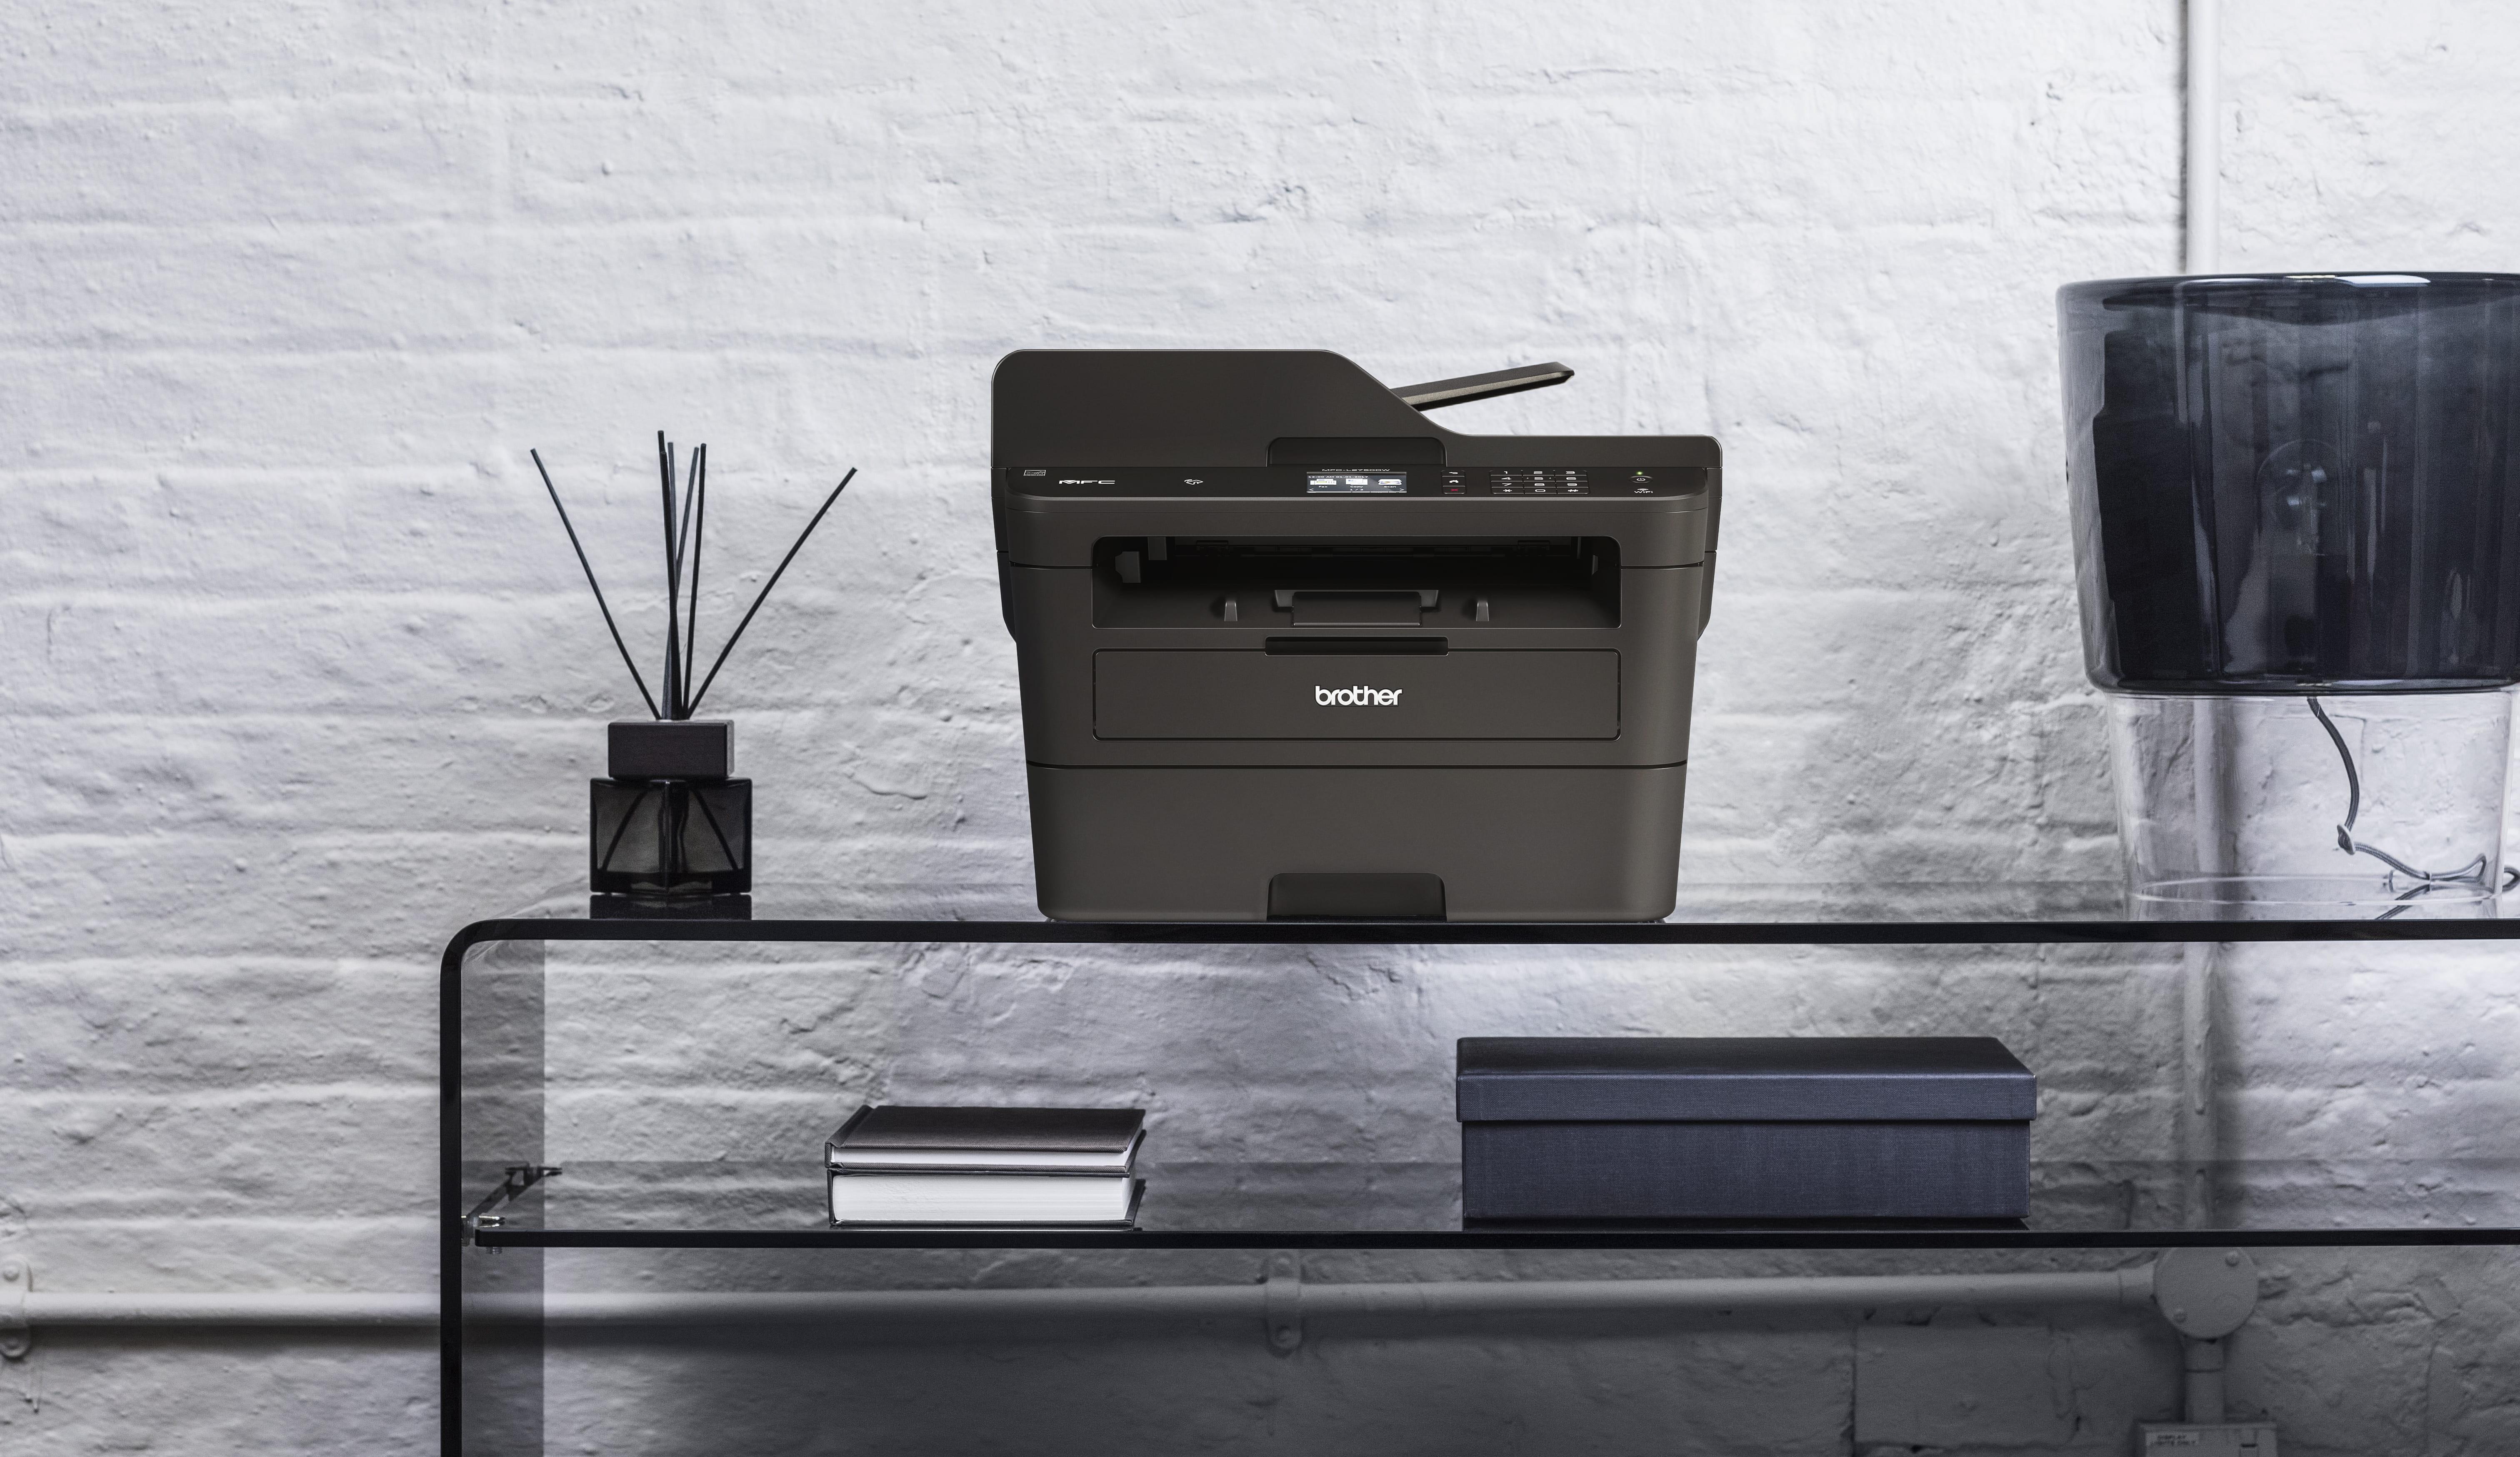 Impresora multifunción láser MFC-L2750DW Brother